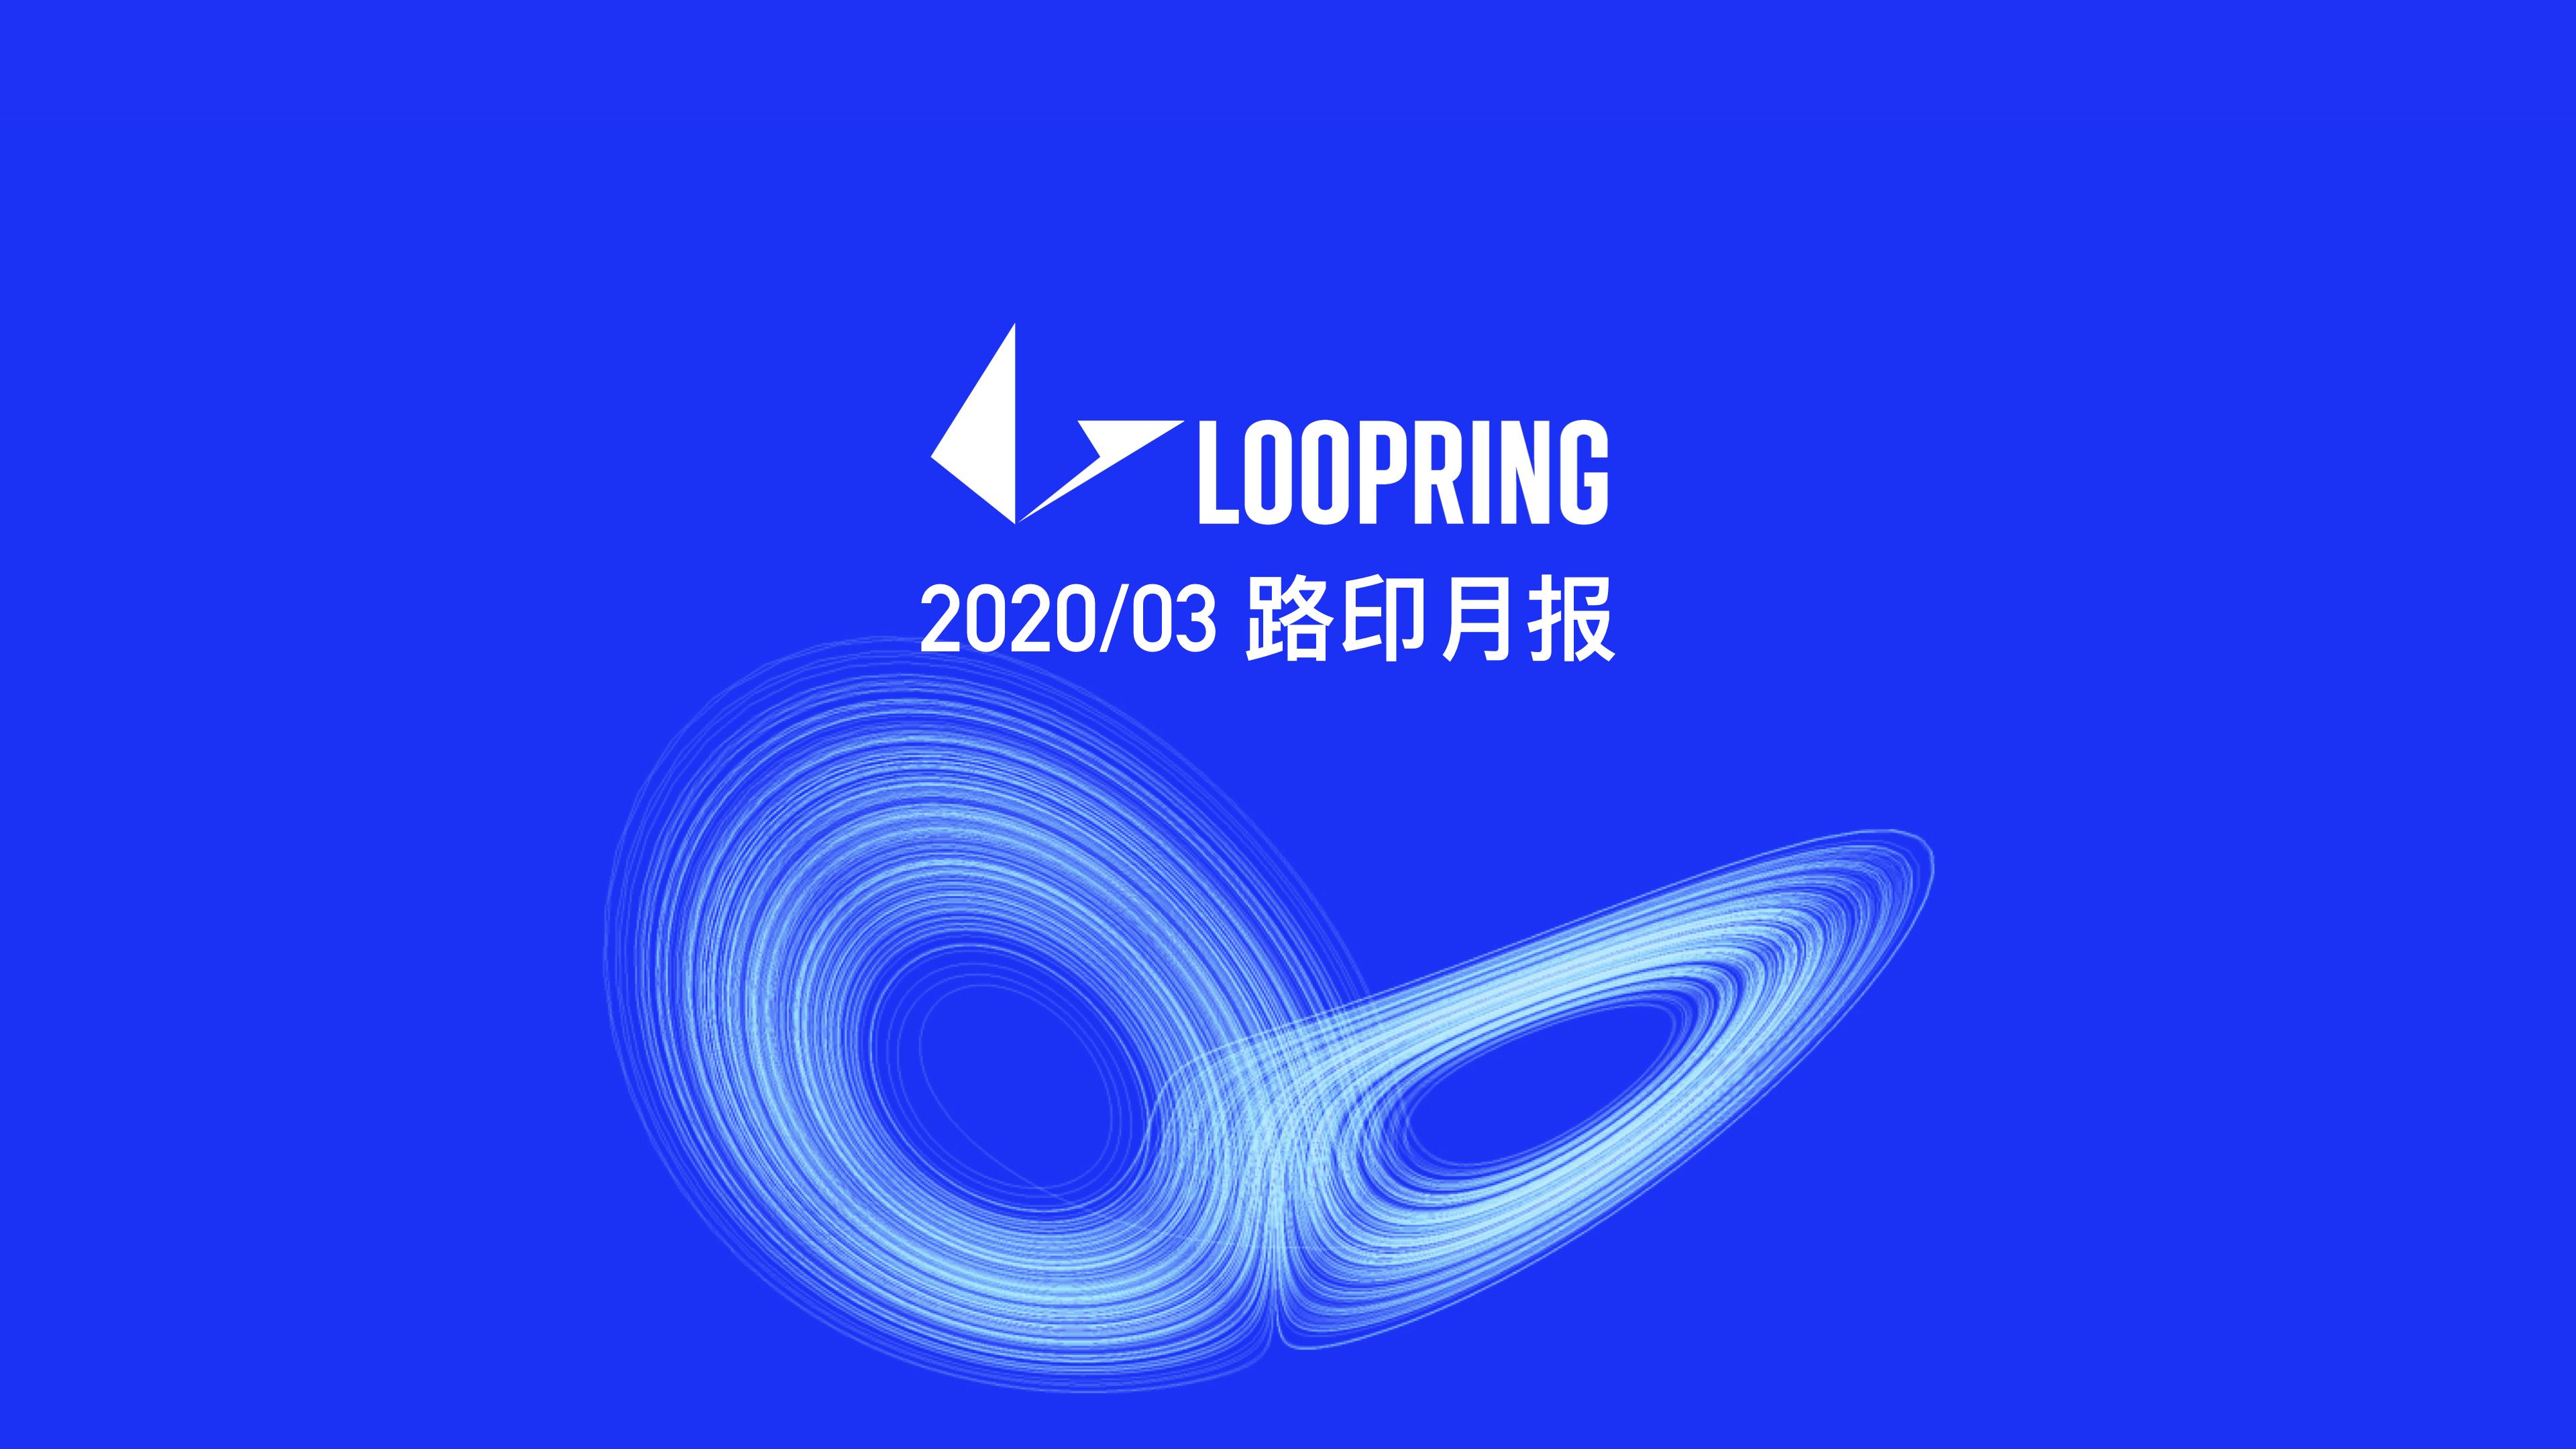 loopring 202003.png